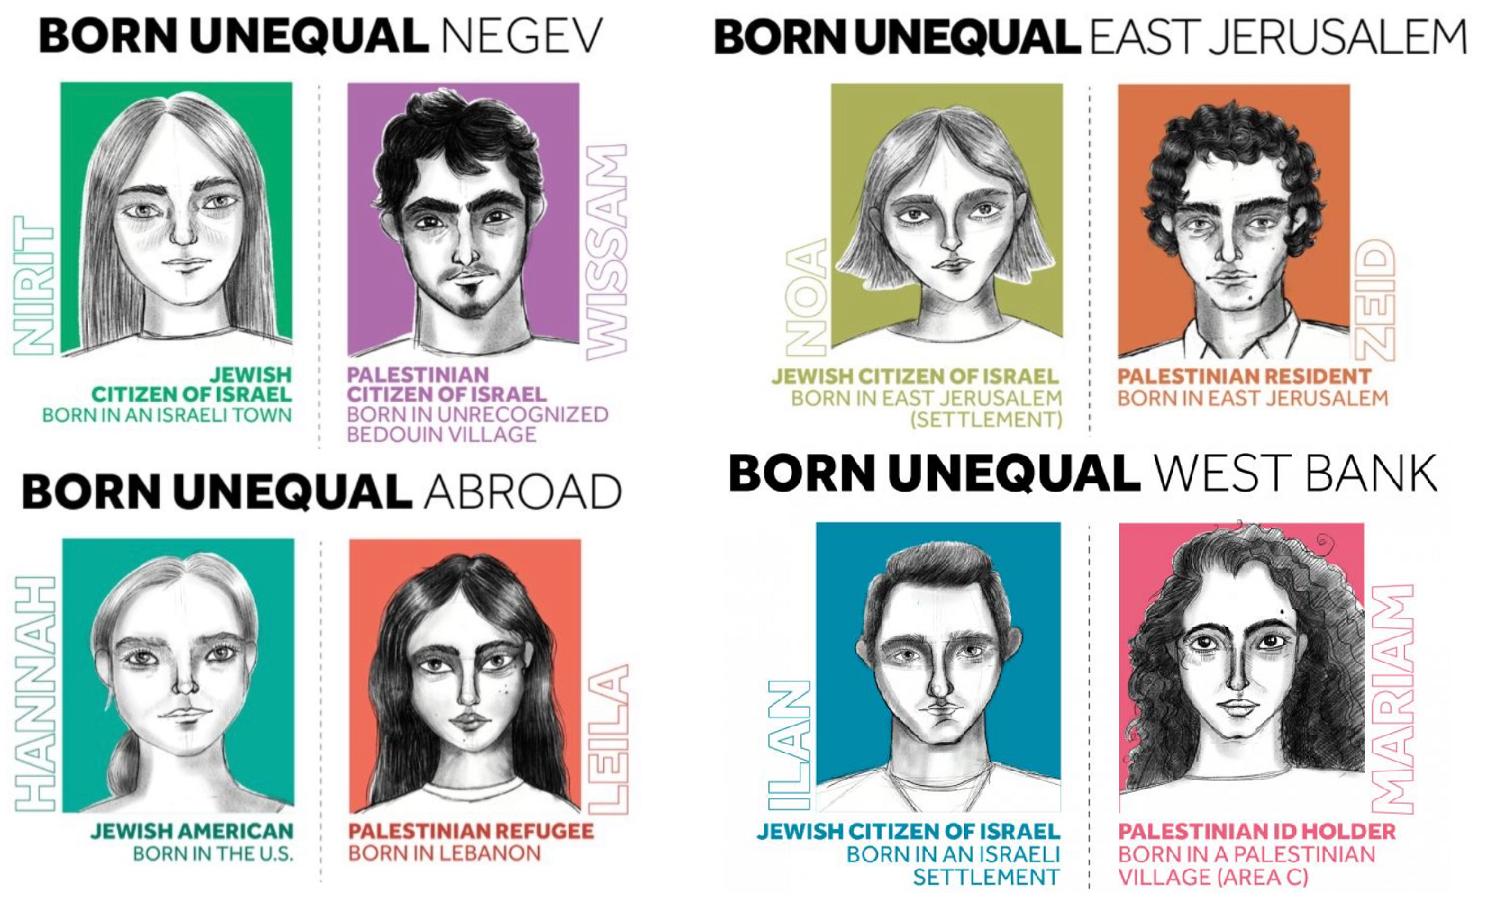 Ilustración de israelíes y palestinos según reciente informe de HRW - los israelíes aparecen como